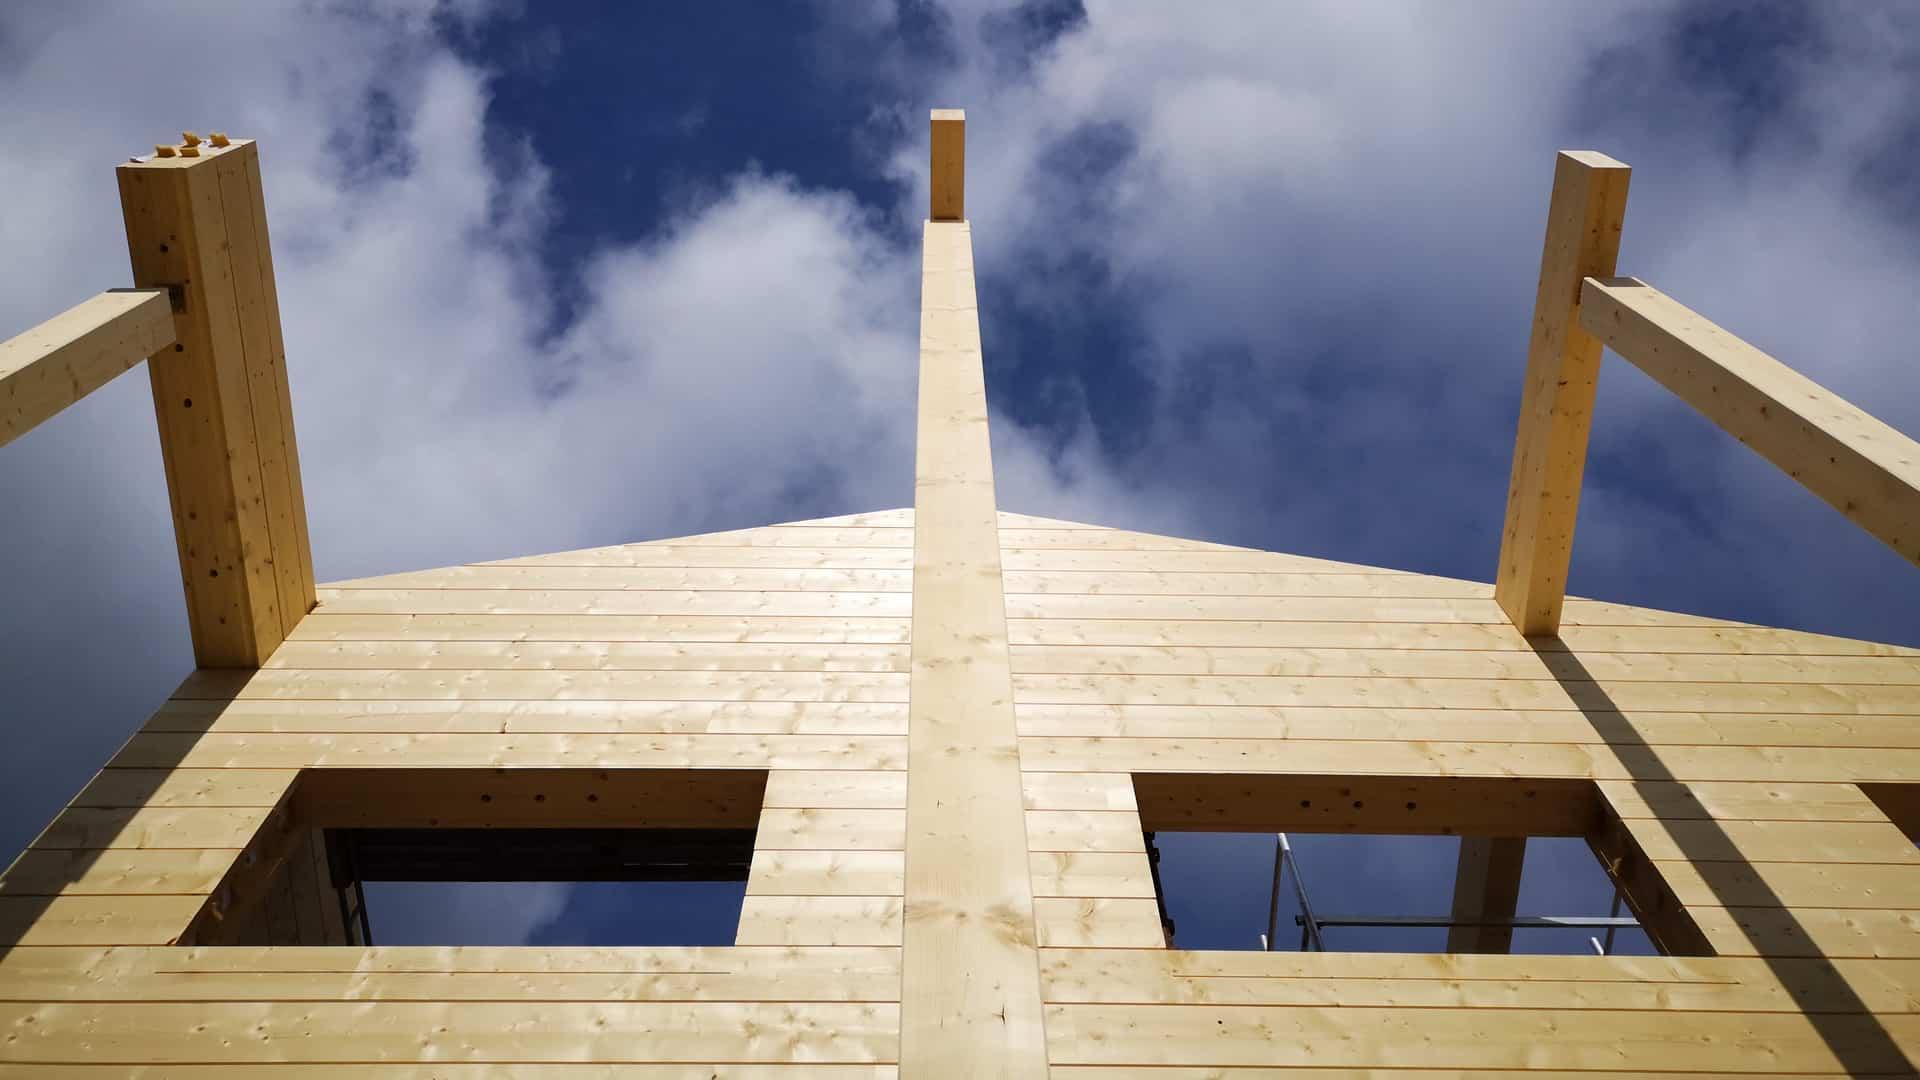 Työmaakuva hirsitalon rakennusprojektista. Hirsikehikko kohoaa sinistä taivasta kohden.